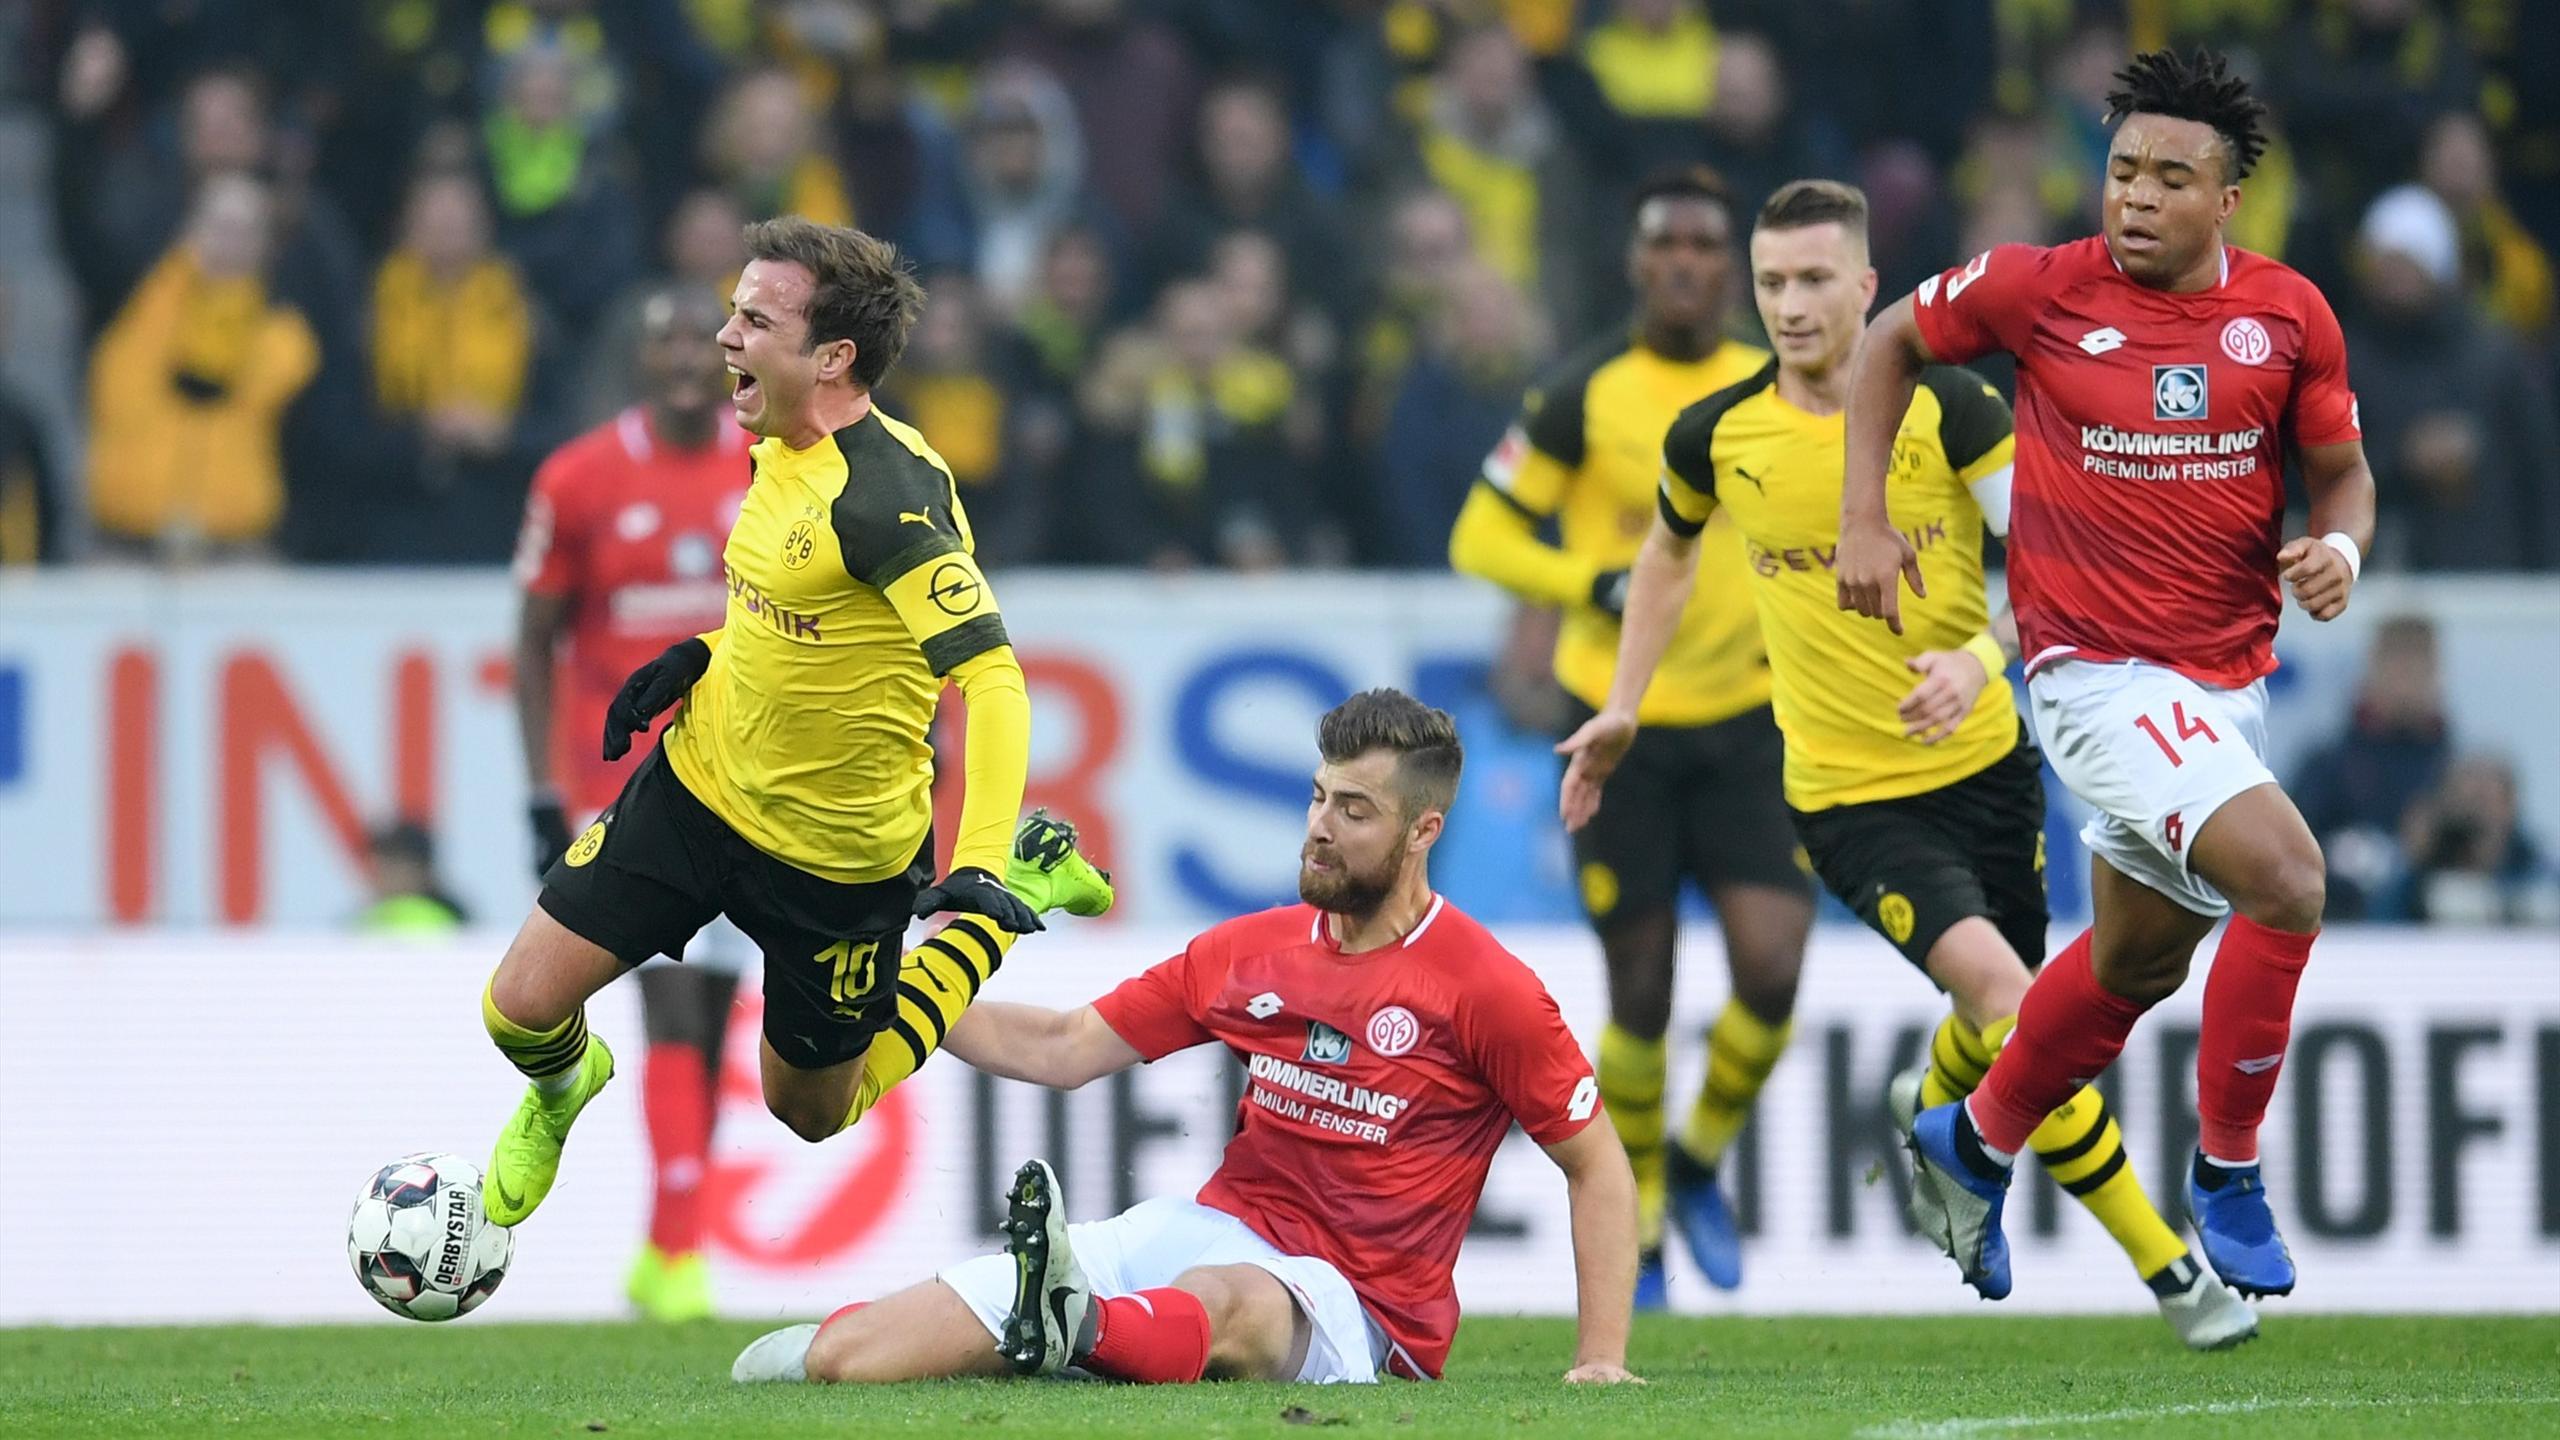 Borussia Spiel